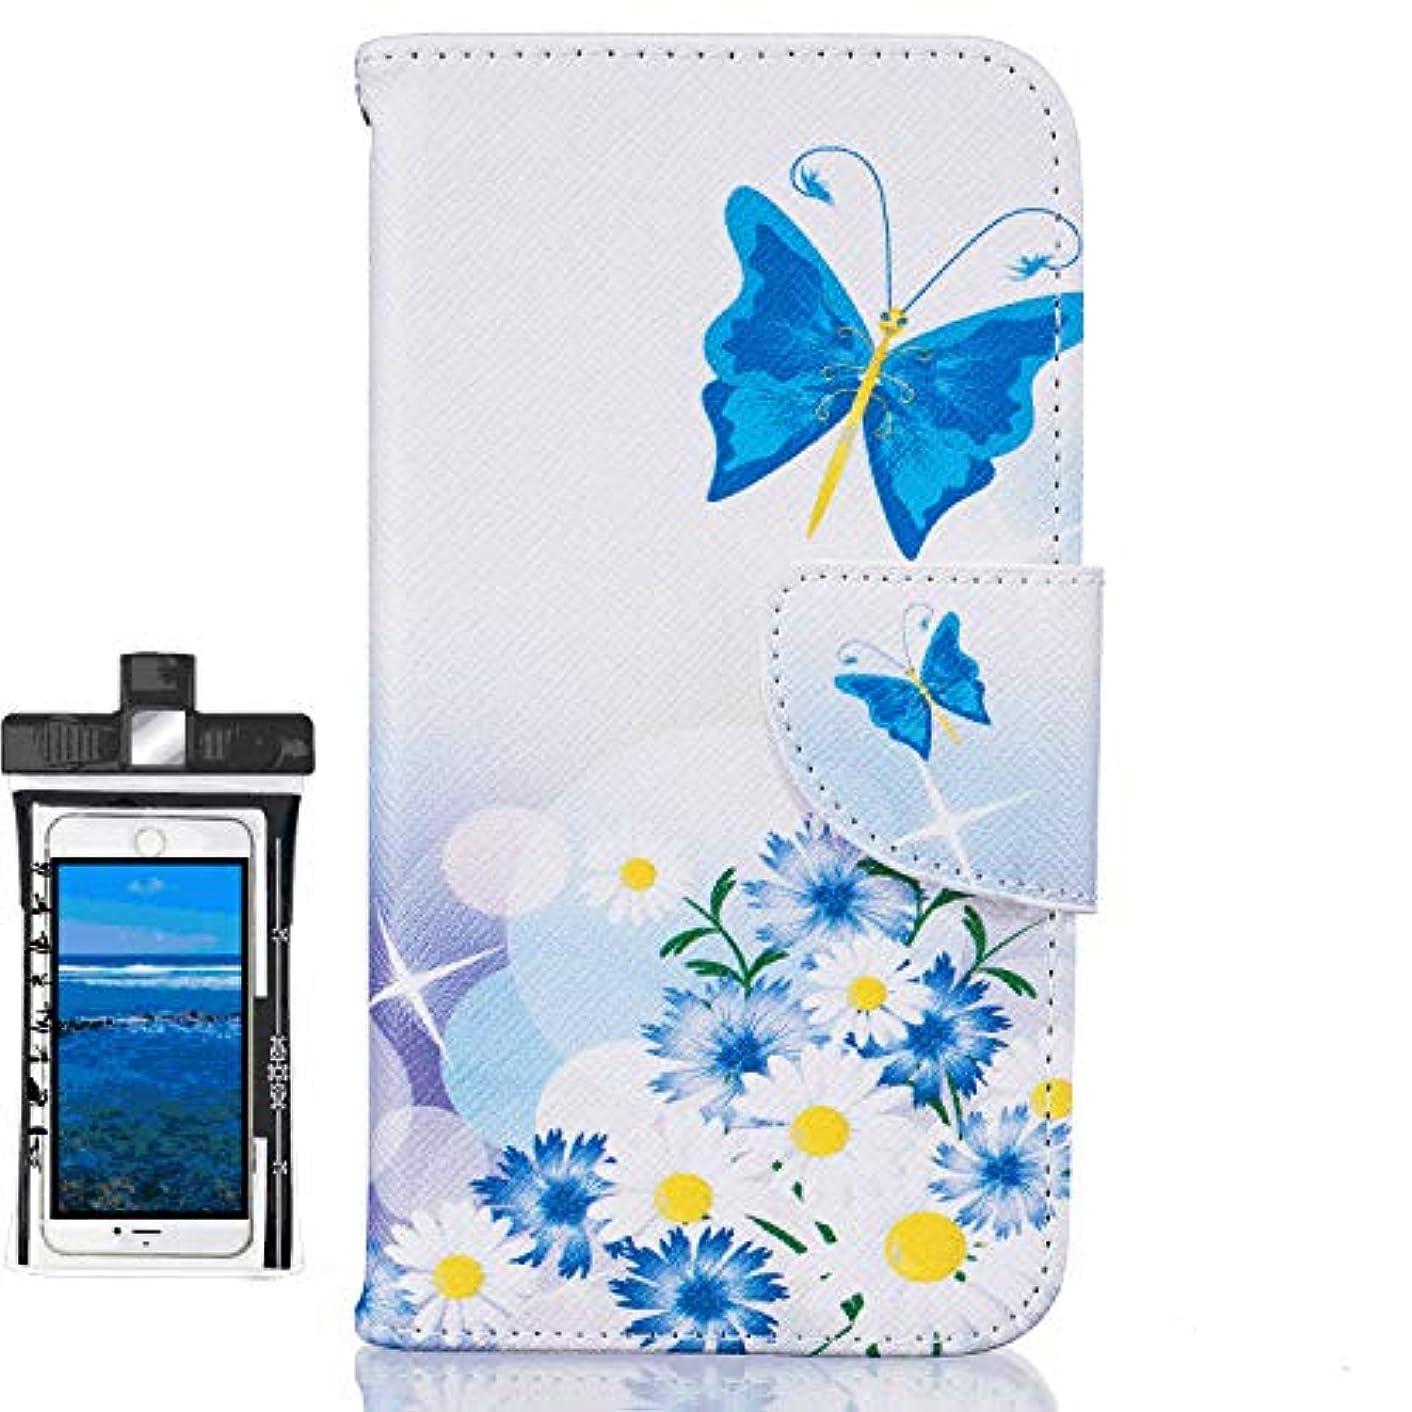 ピボット結婚式高価なiPhone XS レザー ケース, 手帳型 アイフォン XS 本革 携帯ケース カバー収納 耐衝撃 ビジネス 財布 無料付スマホ防水ポーチIPX8 Absorbing